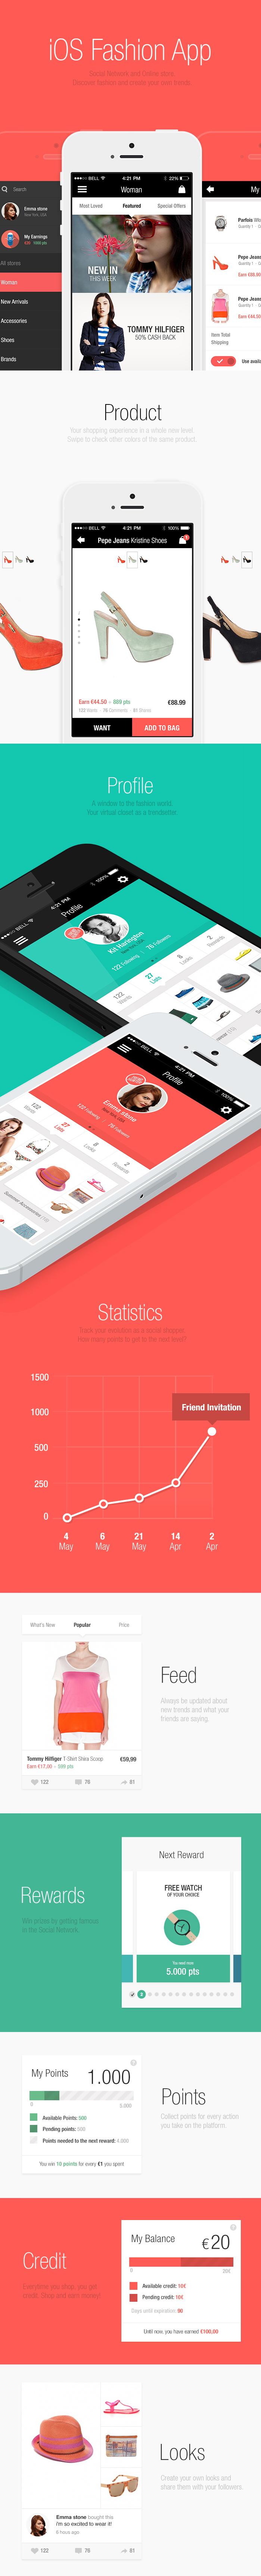 经验分享!如何打造成功的电商App应用